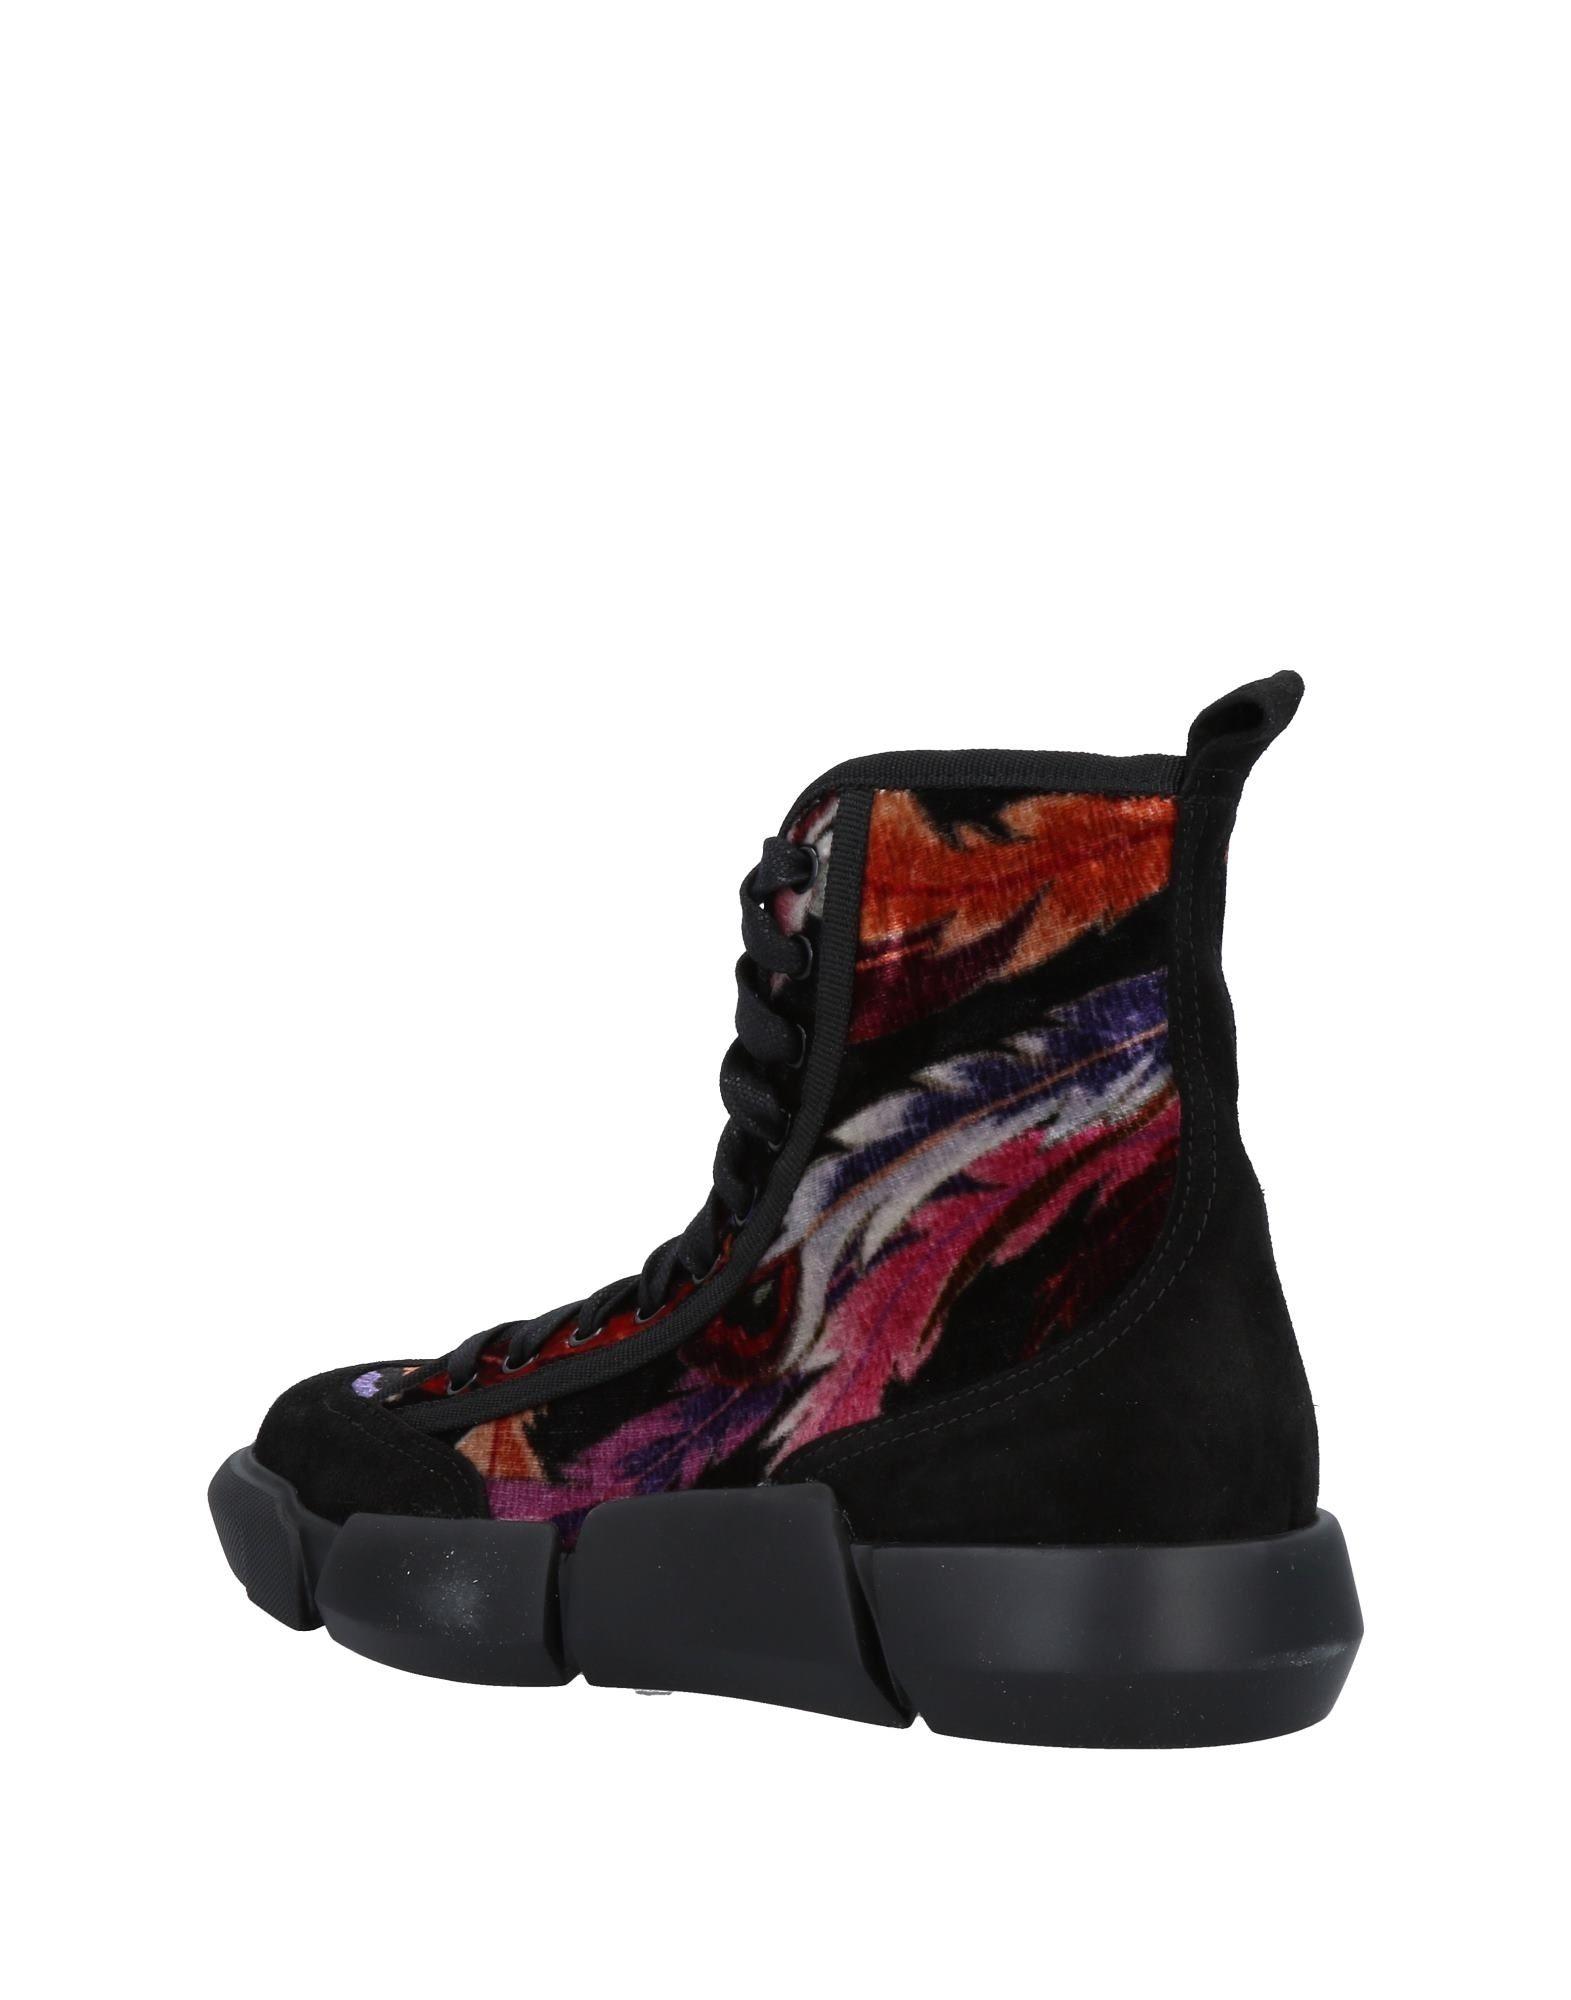 Stilvolle billige Schuhe Damen Elena Iachi Sneakers Damen Schuhe  11488533NA 15dd0b